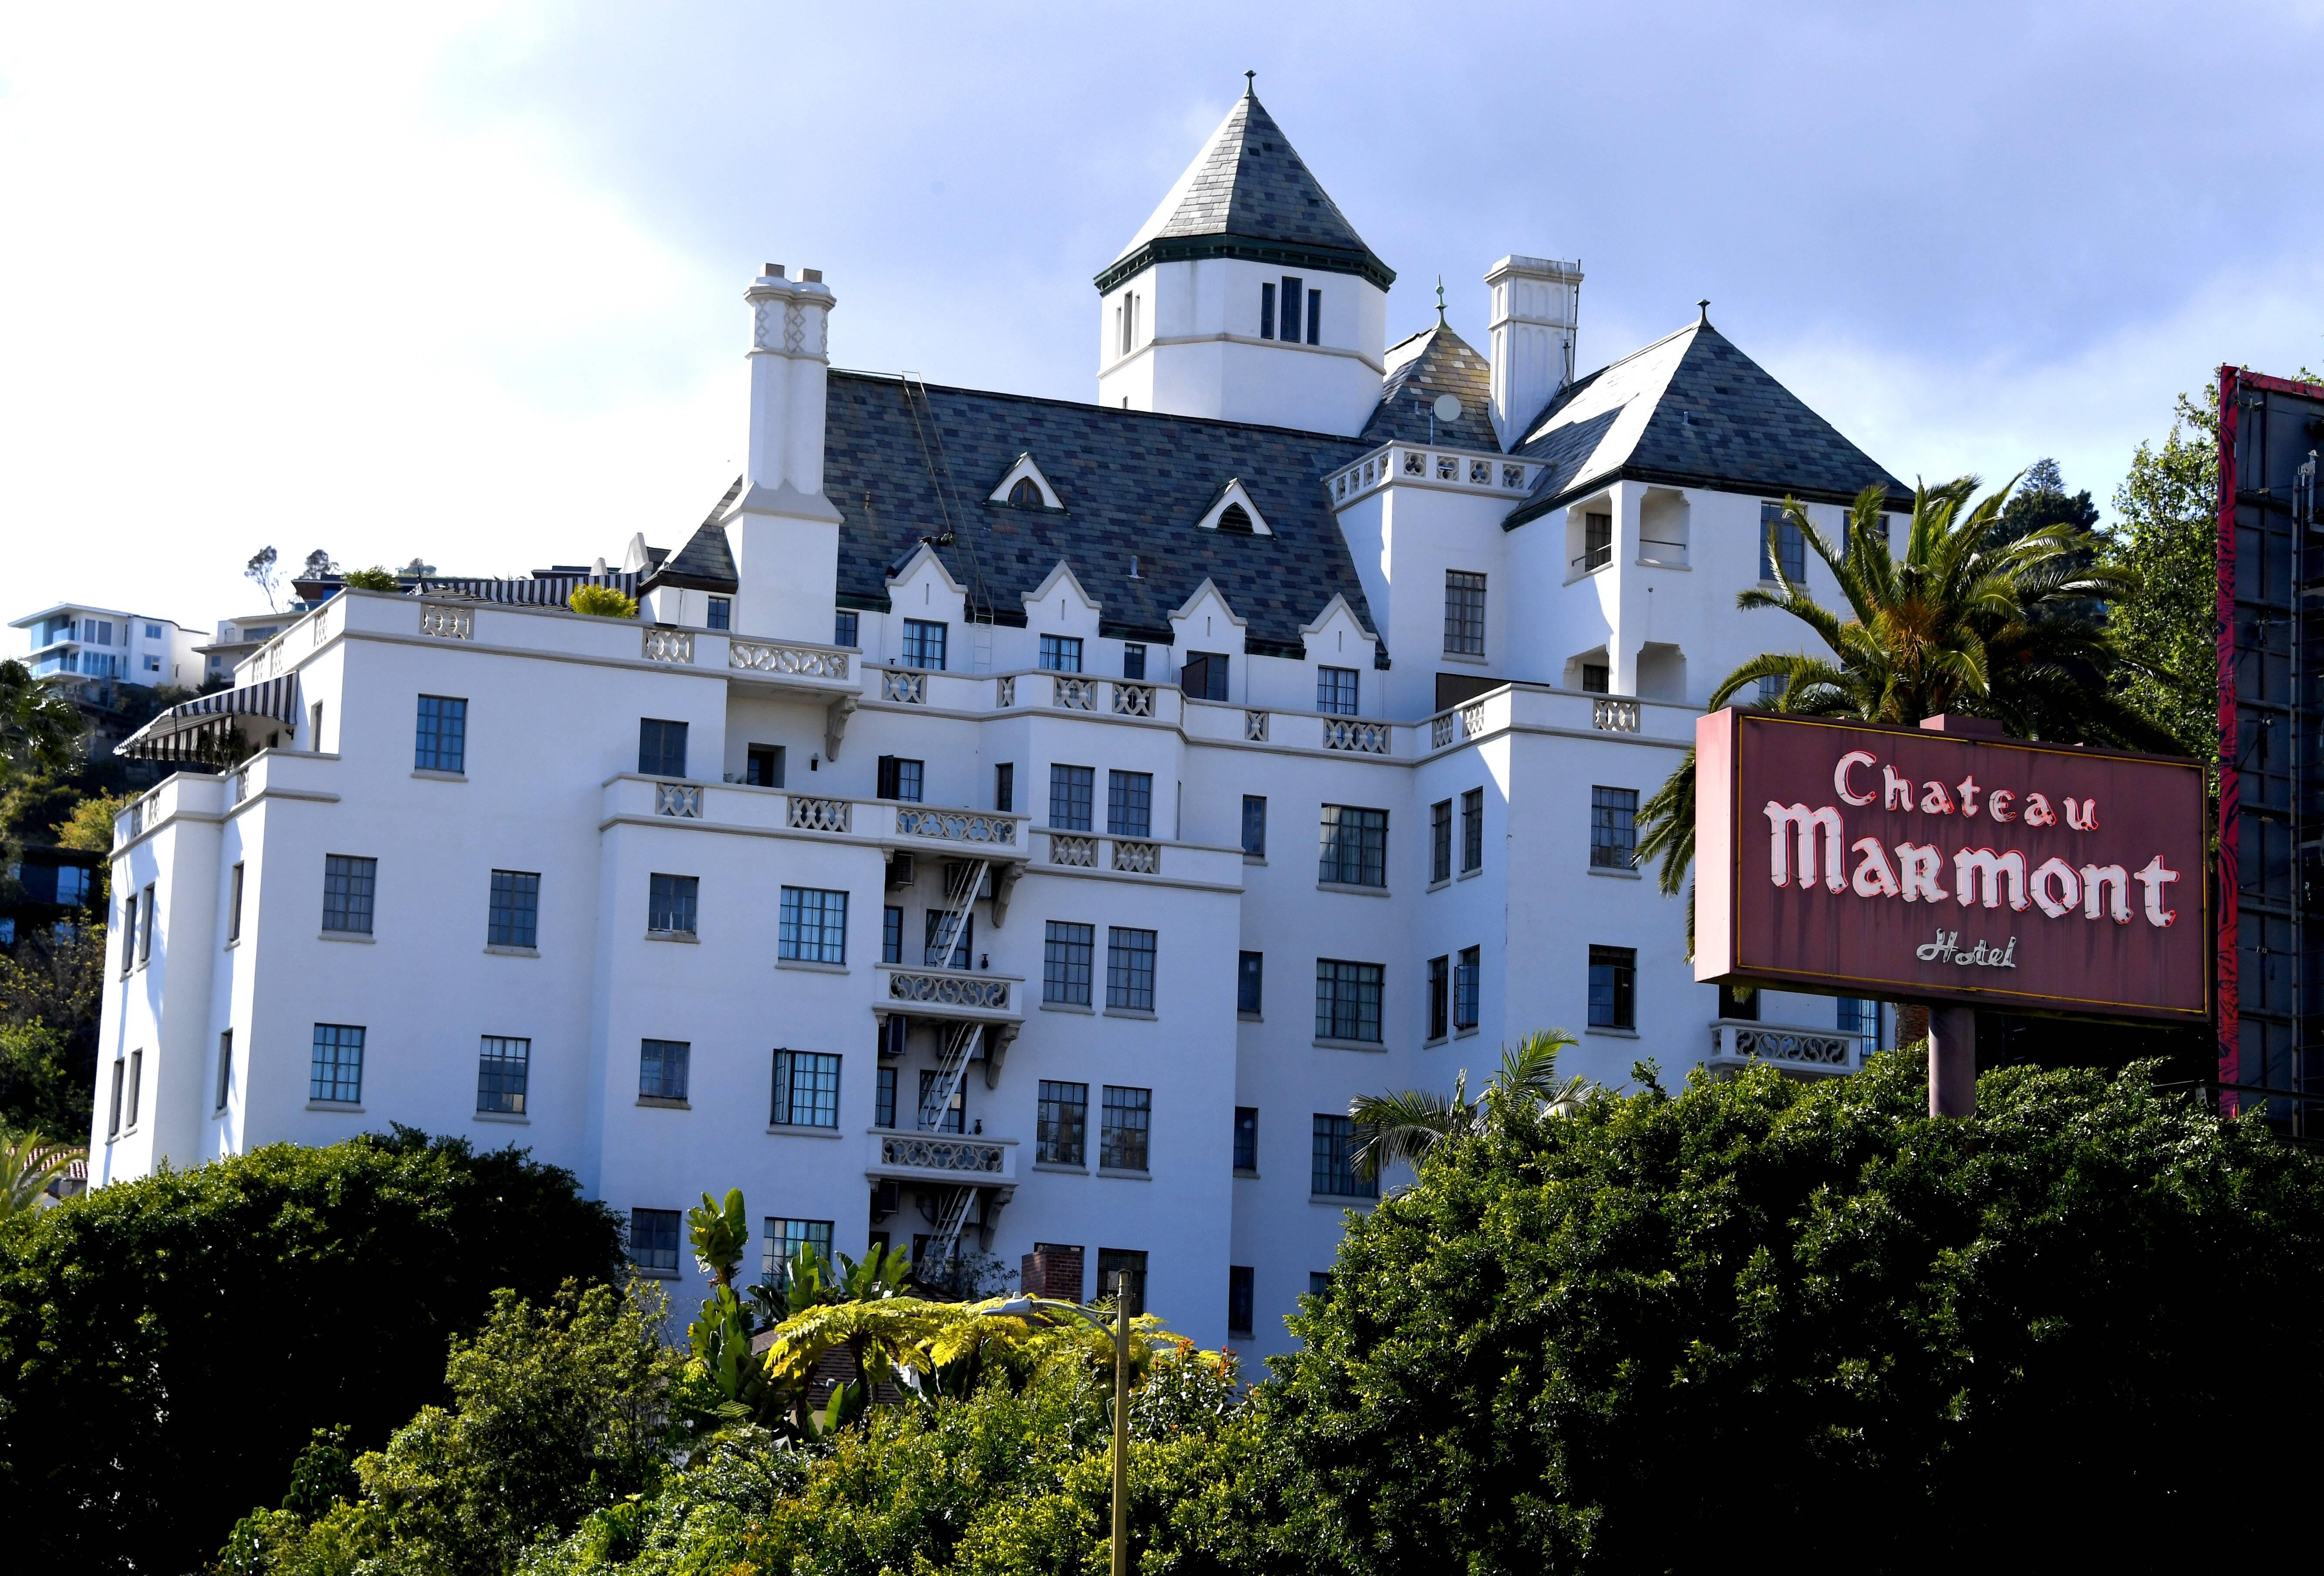 Chateau Marmont, em Los Angeles. Foto: Getty Images